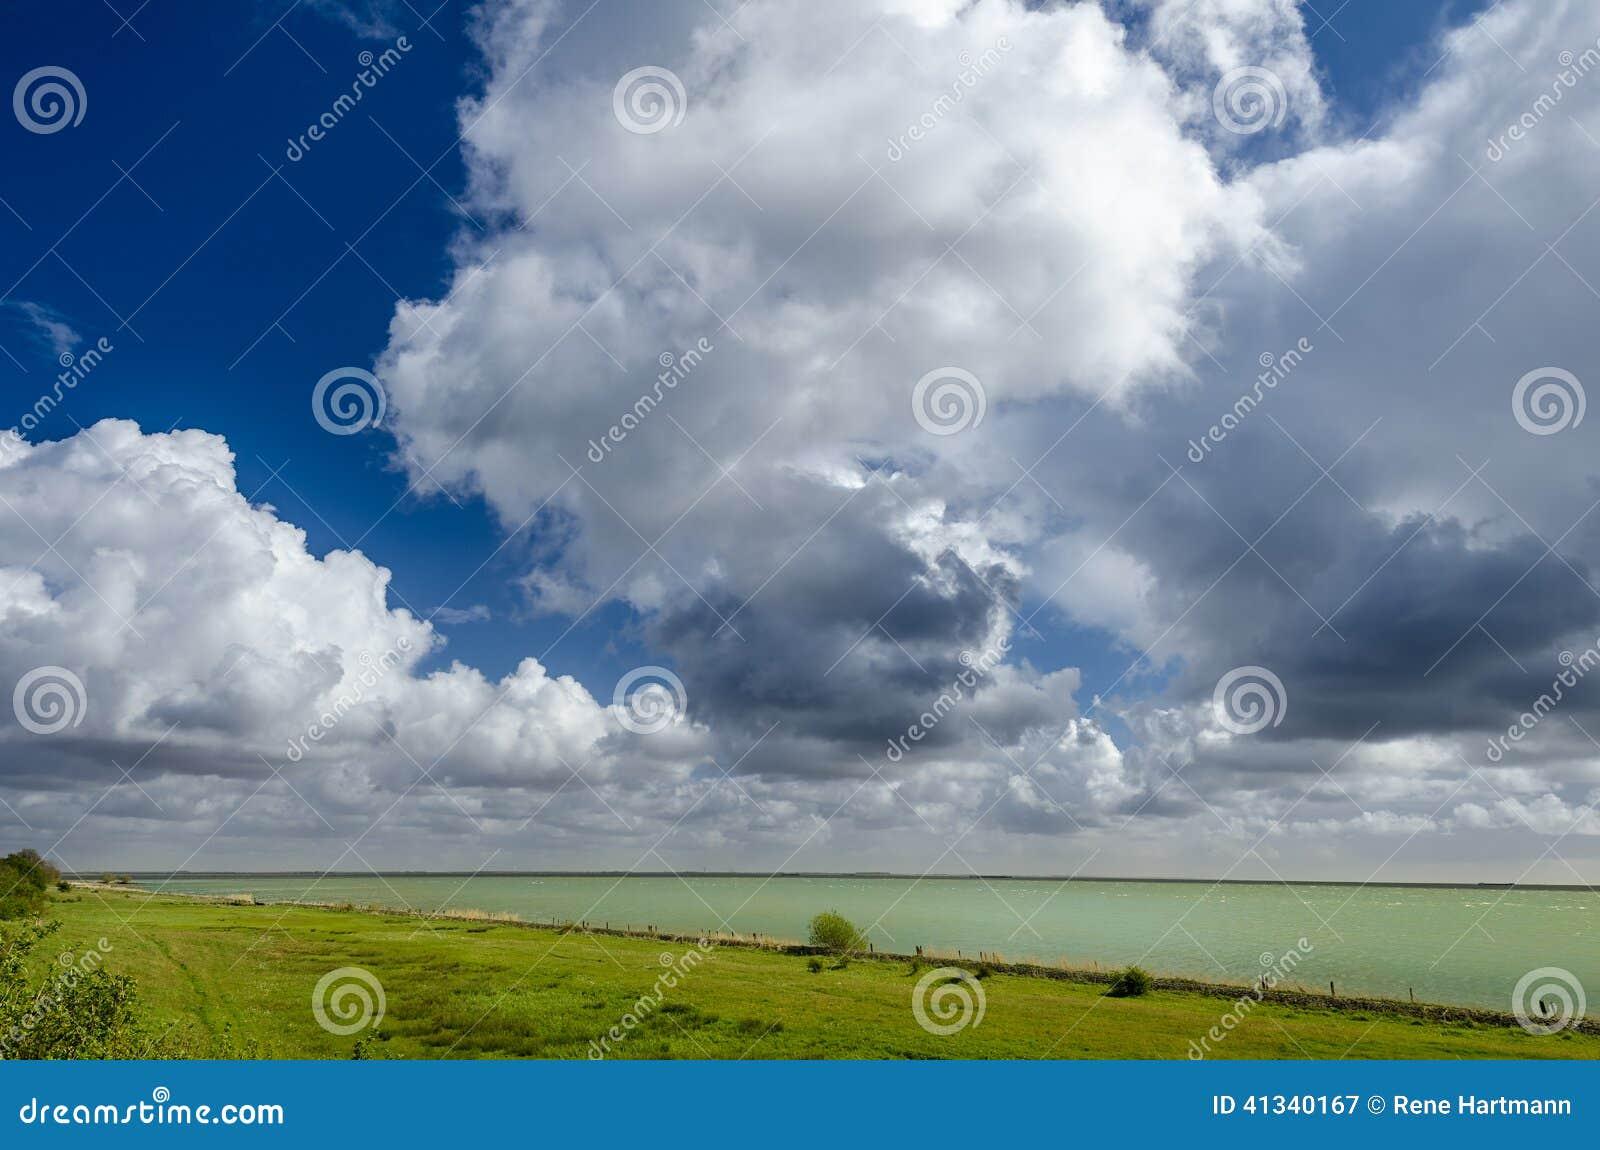 Typischer Himmel in Holland; Kumuluswolken